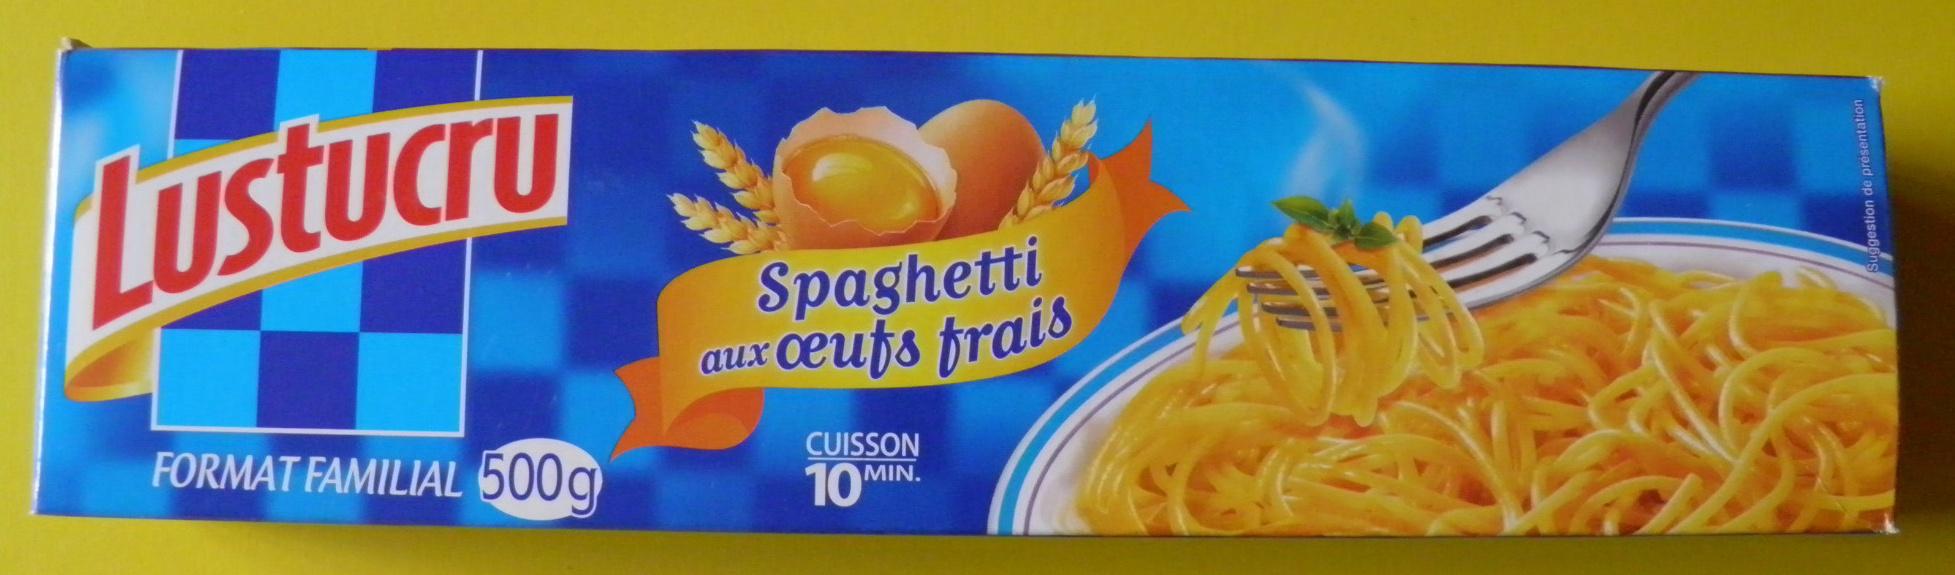 Spaghetti aux œufs frais (Format Familial) - Produit